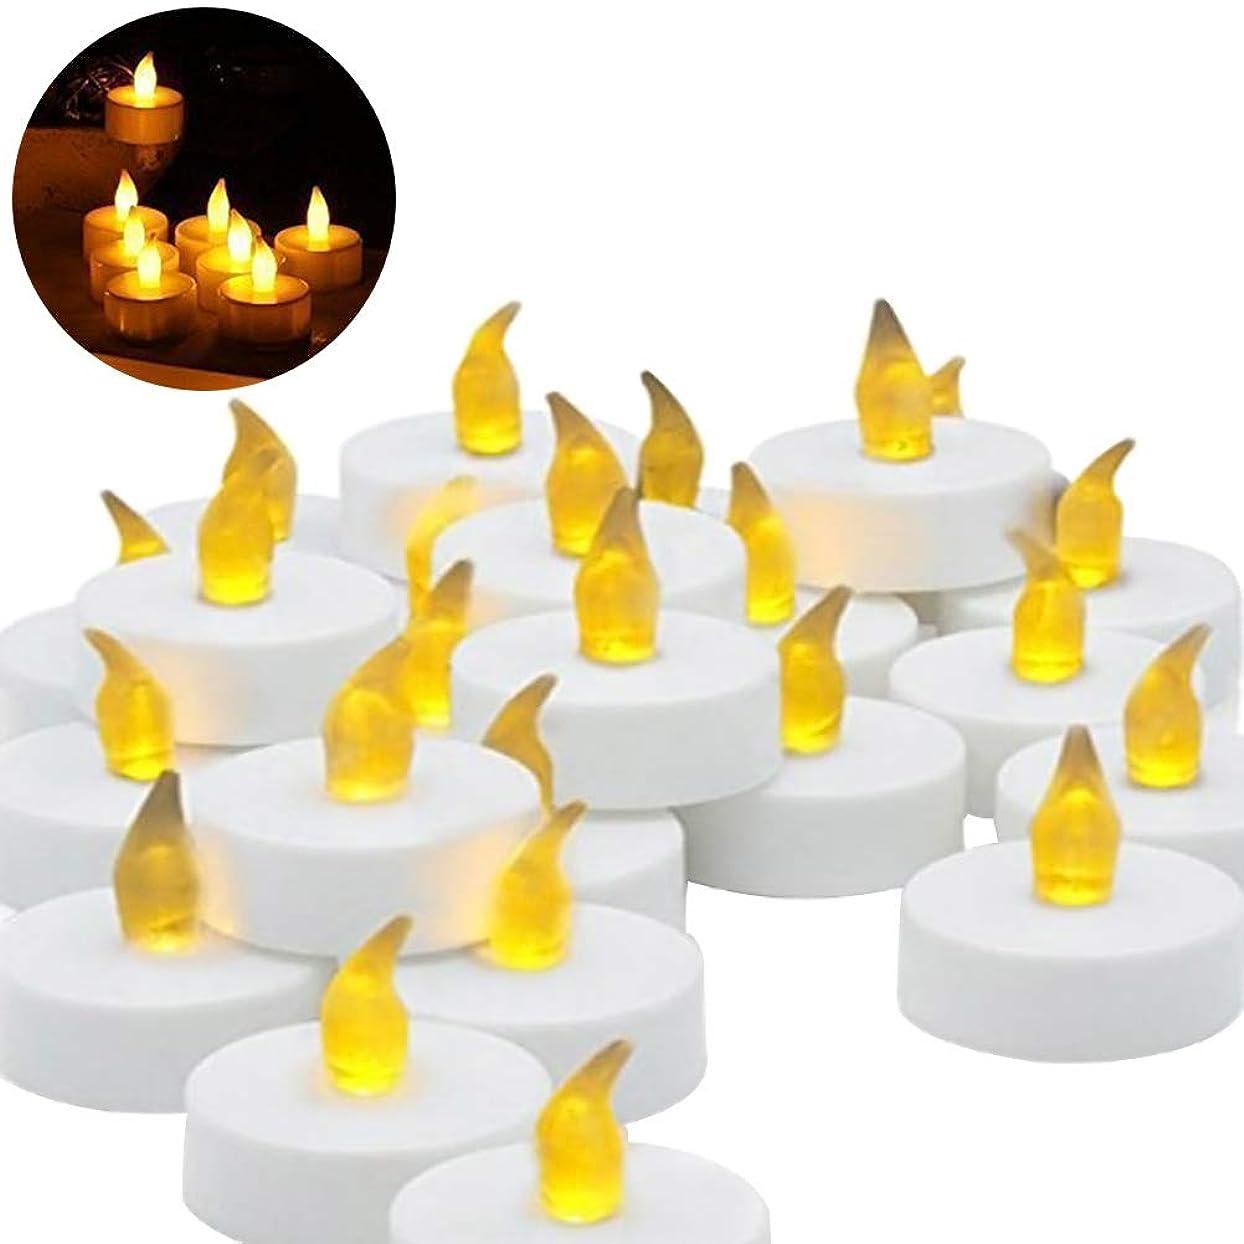 開拓者ホイップ確かにLEDMOMO キャンドル LED 誕生日キャンドル プラスチック 無炎 フェスティバル 祭り 祝賀(白)